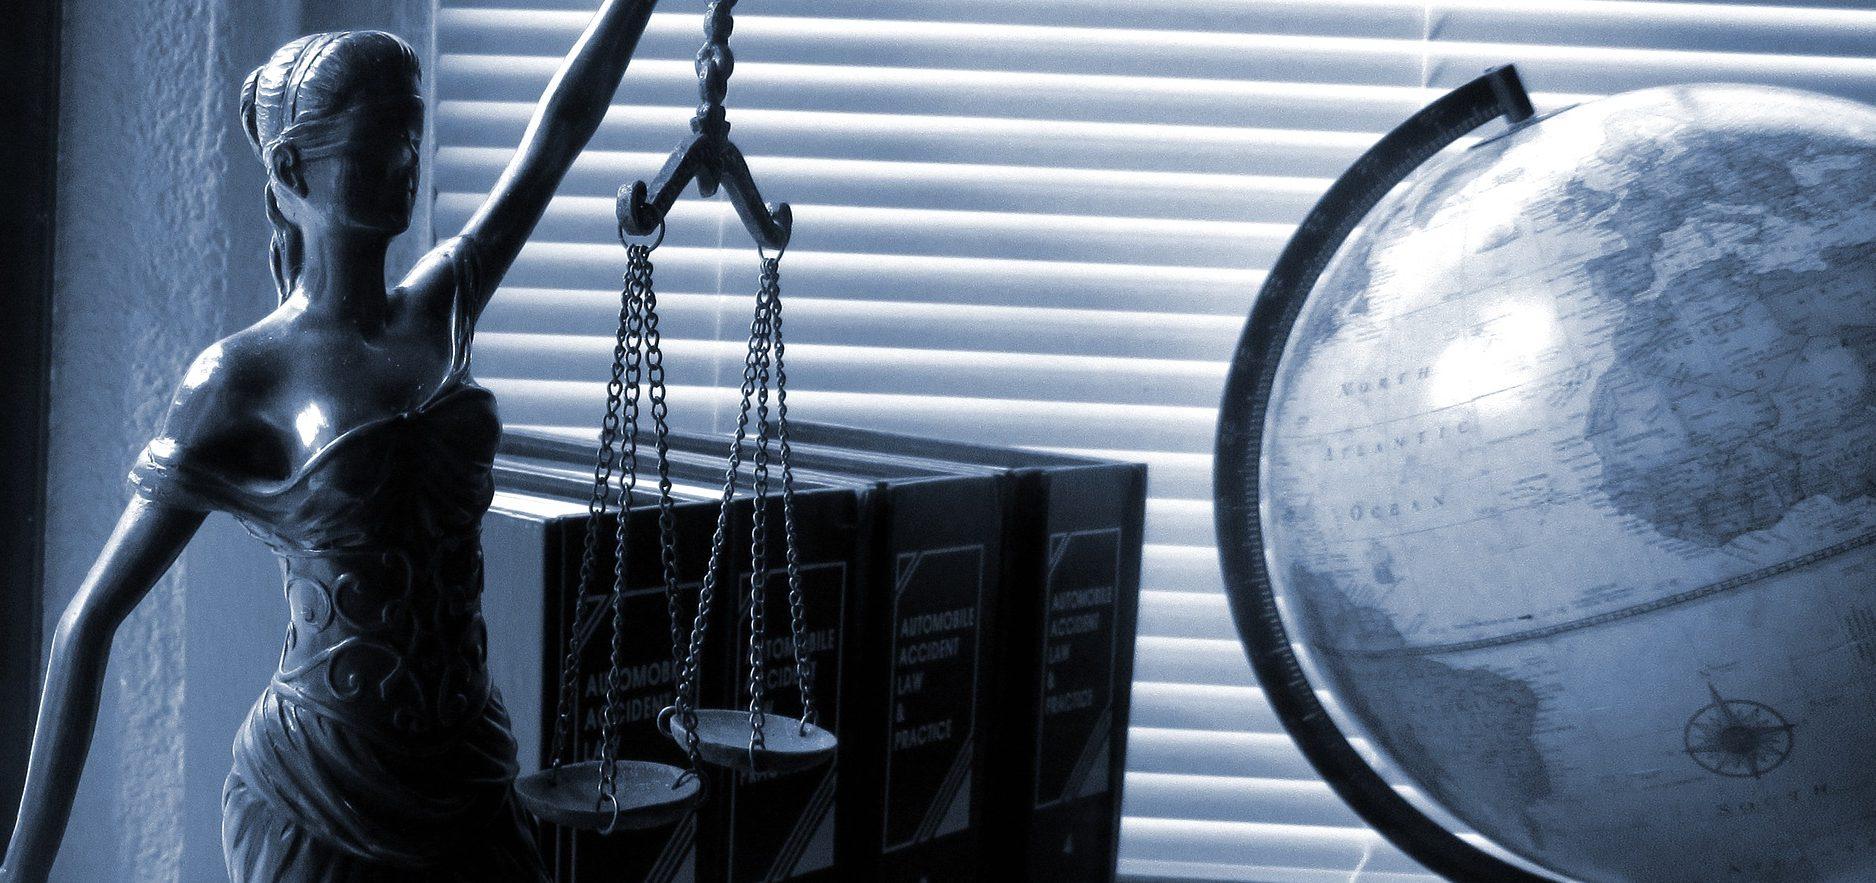 Straffeloven trakassering